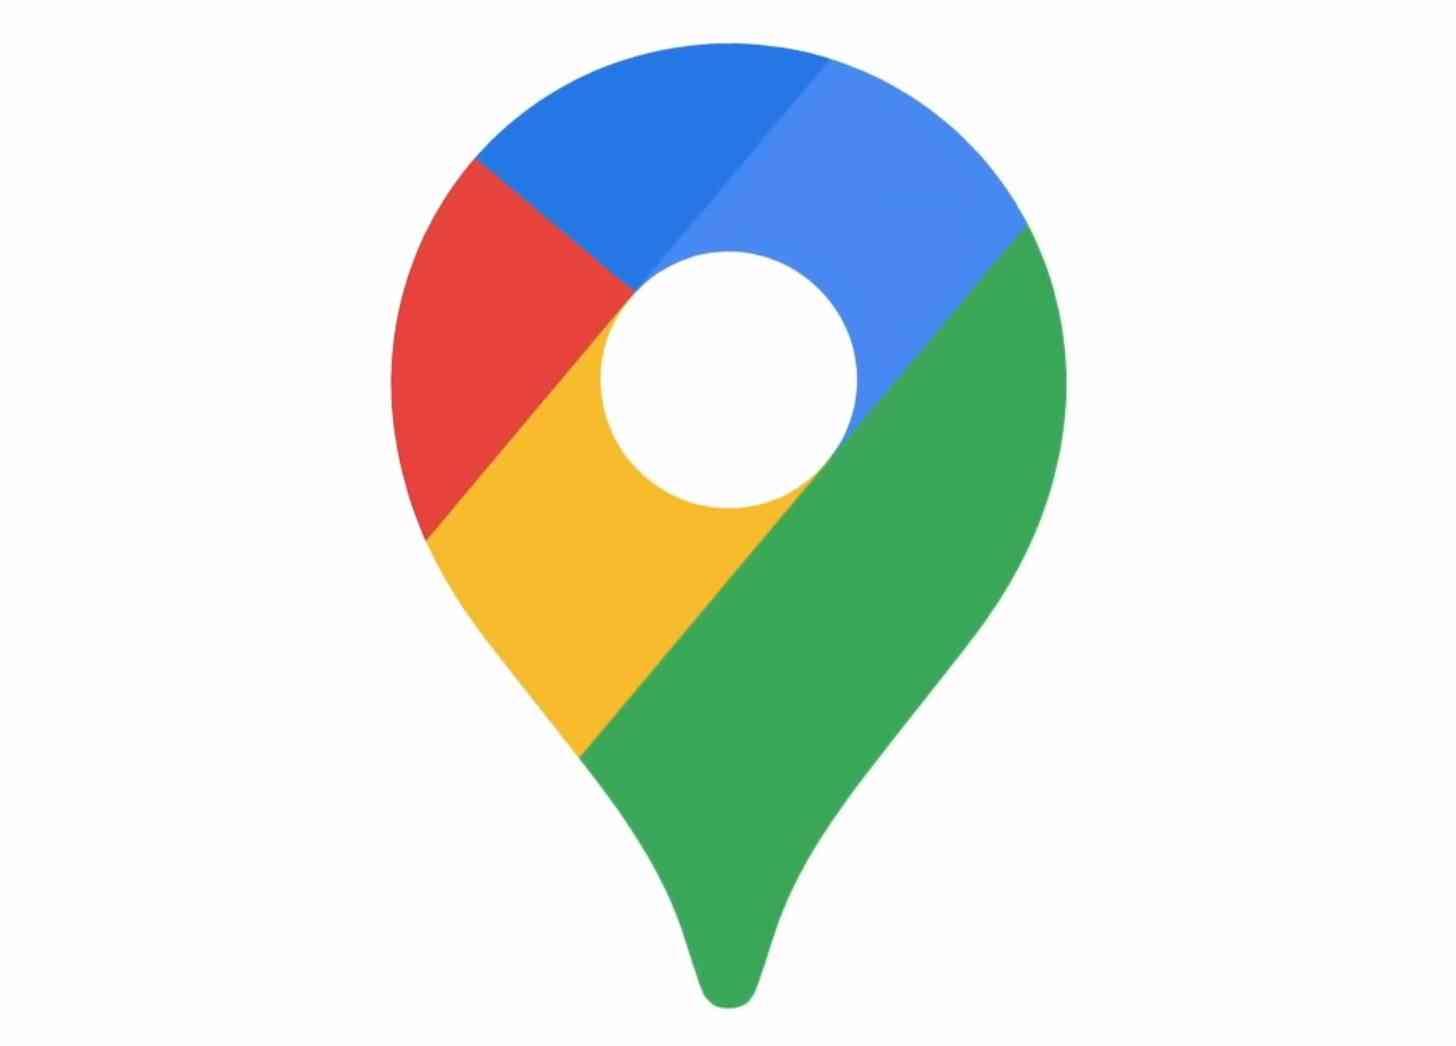 Google Maps bước sang tuổi 15, thay đổi giao diện và biểu tượng mới - 3